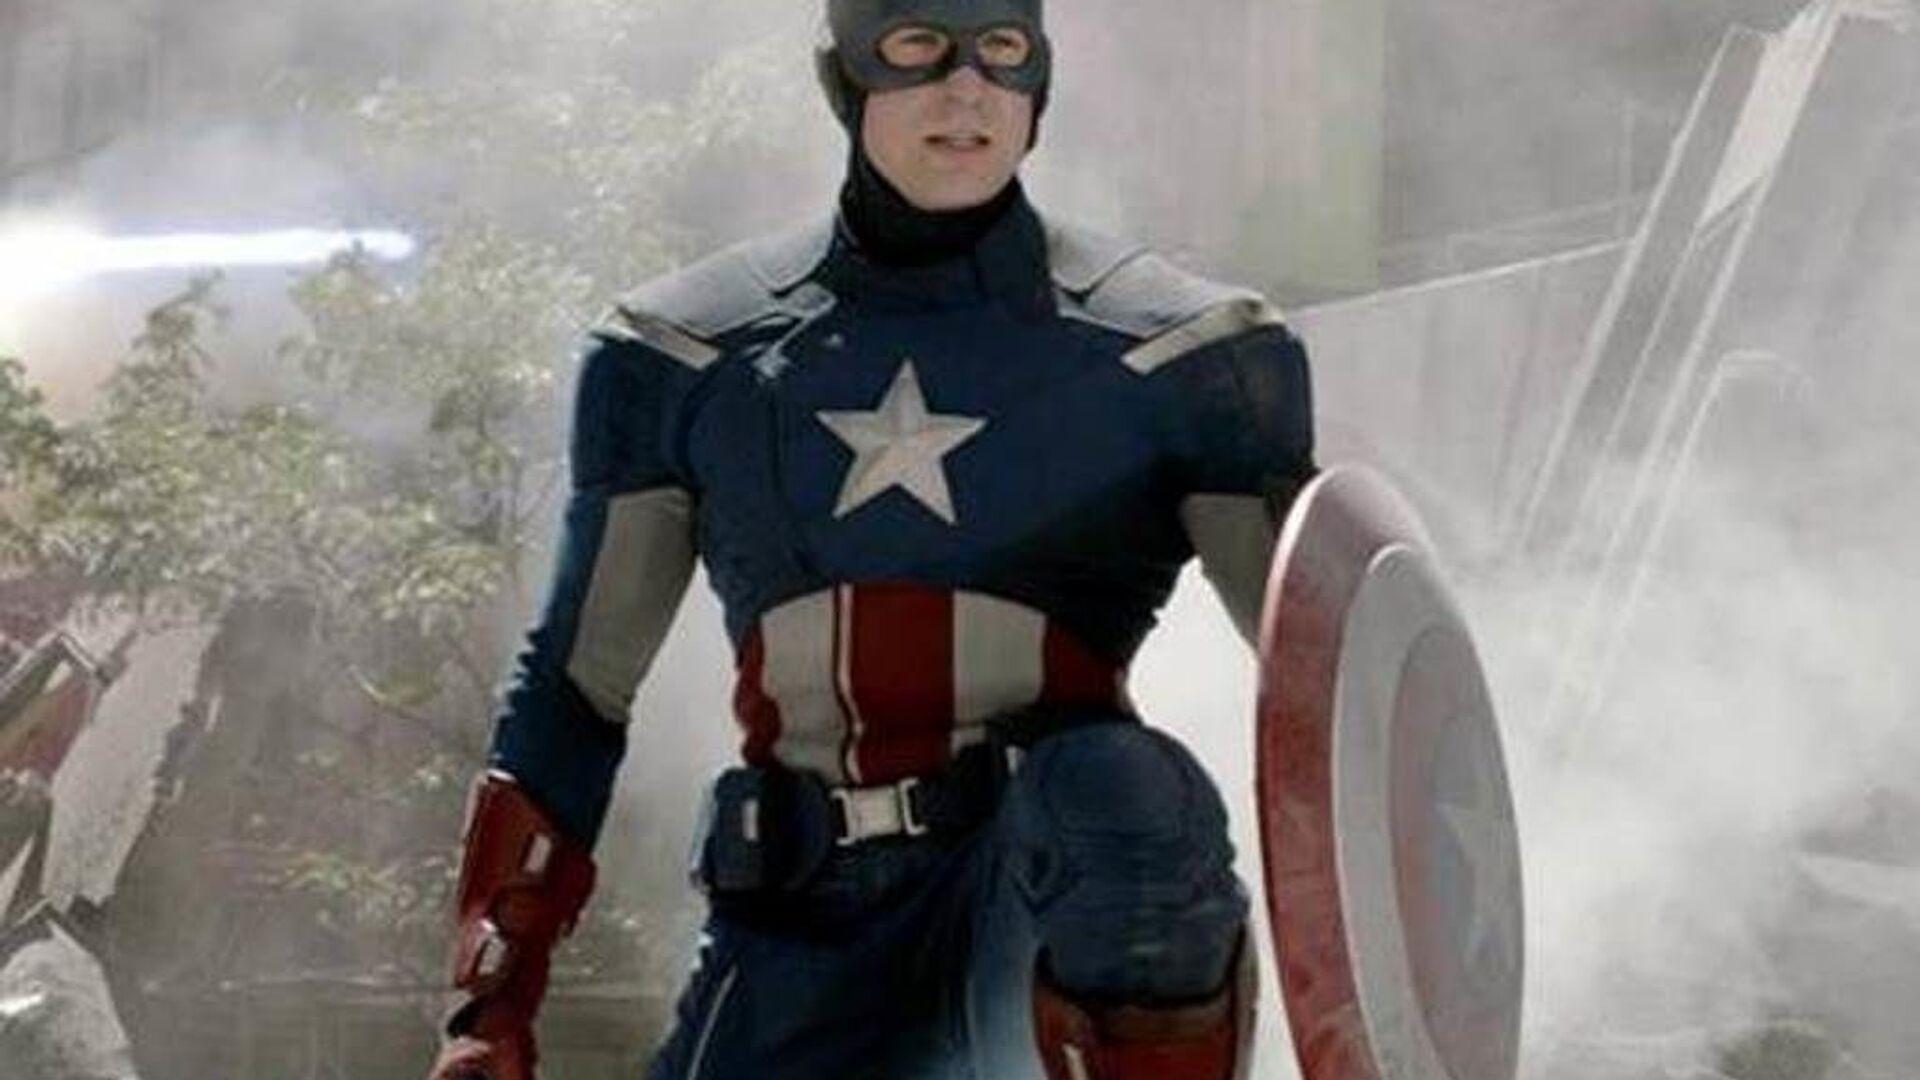 Ηθοποιός του «Captain America» συνελήφθη για τη δολοφονία της μητέρα της - Sputnik Ελλάδα, 1920, 13.10.2021